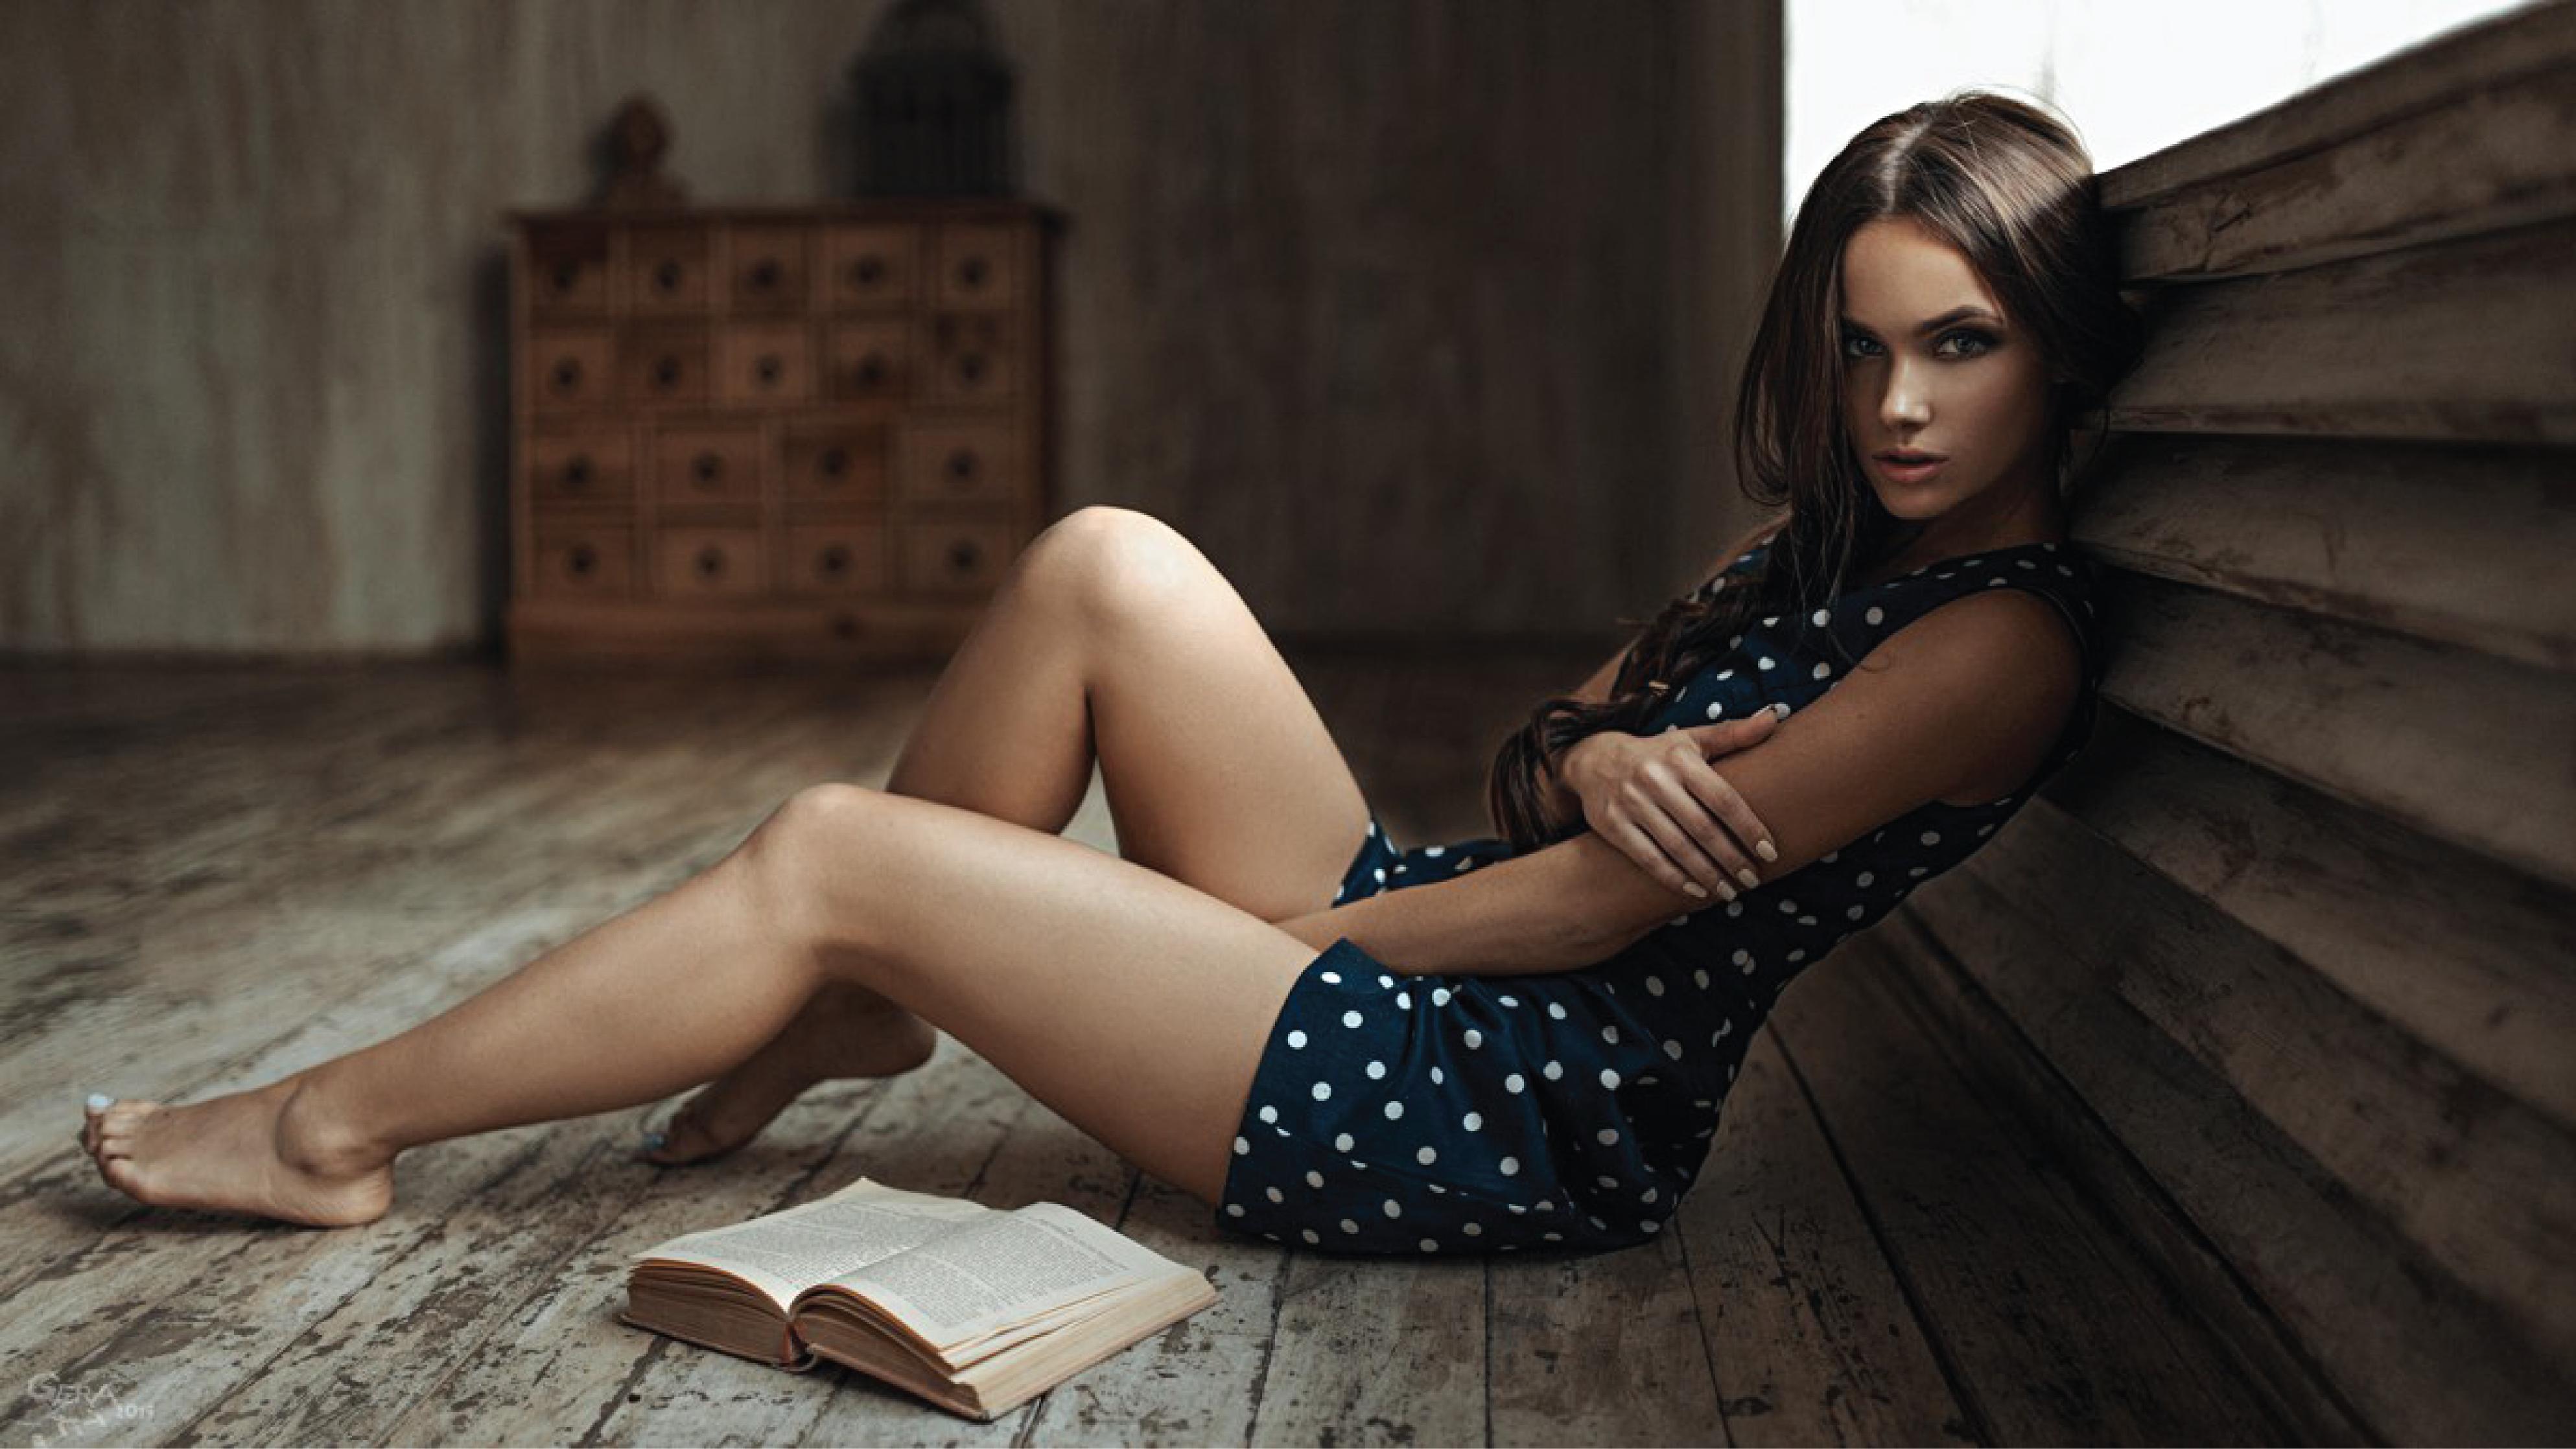 Самые красивые русские девушки в фотографиях 7 фотография